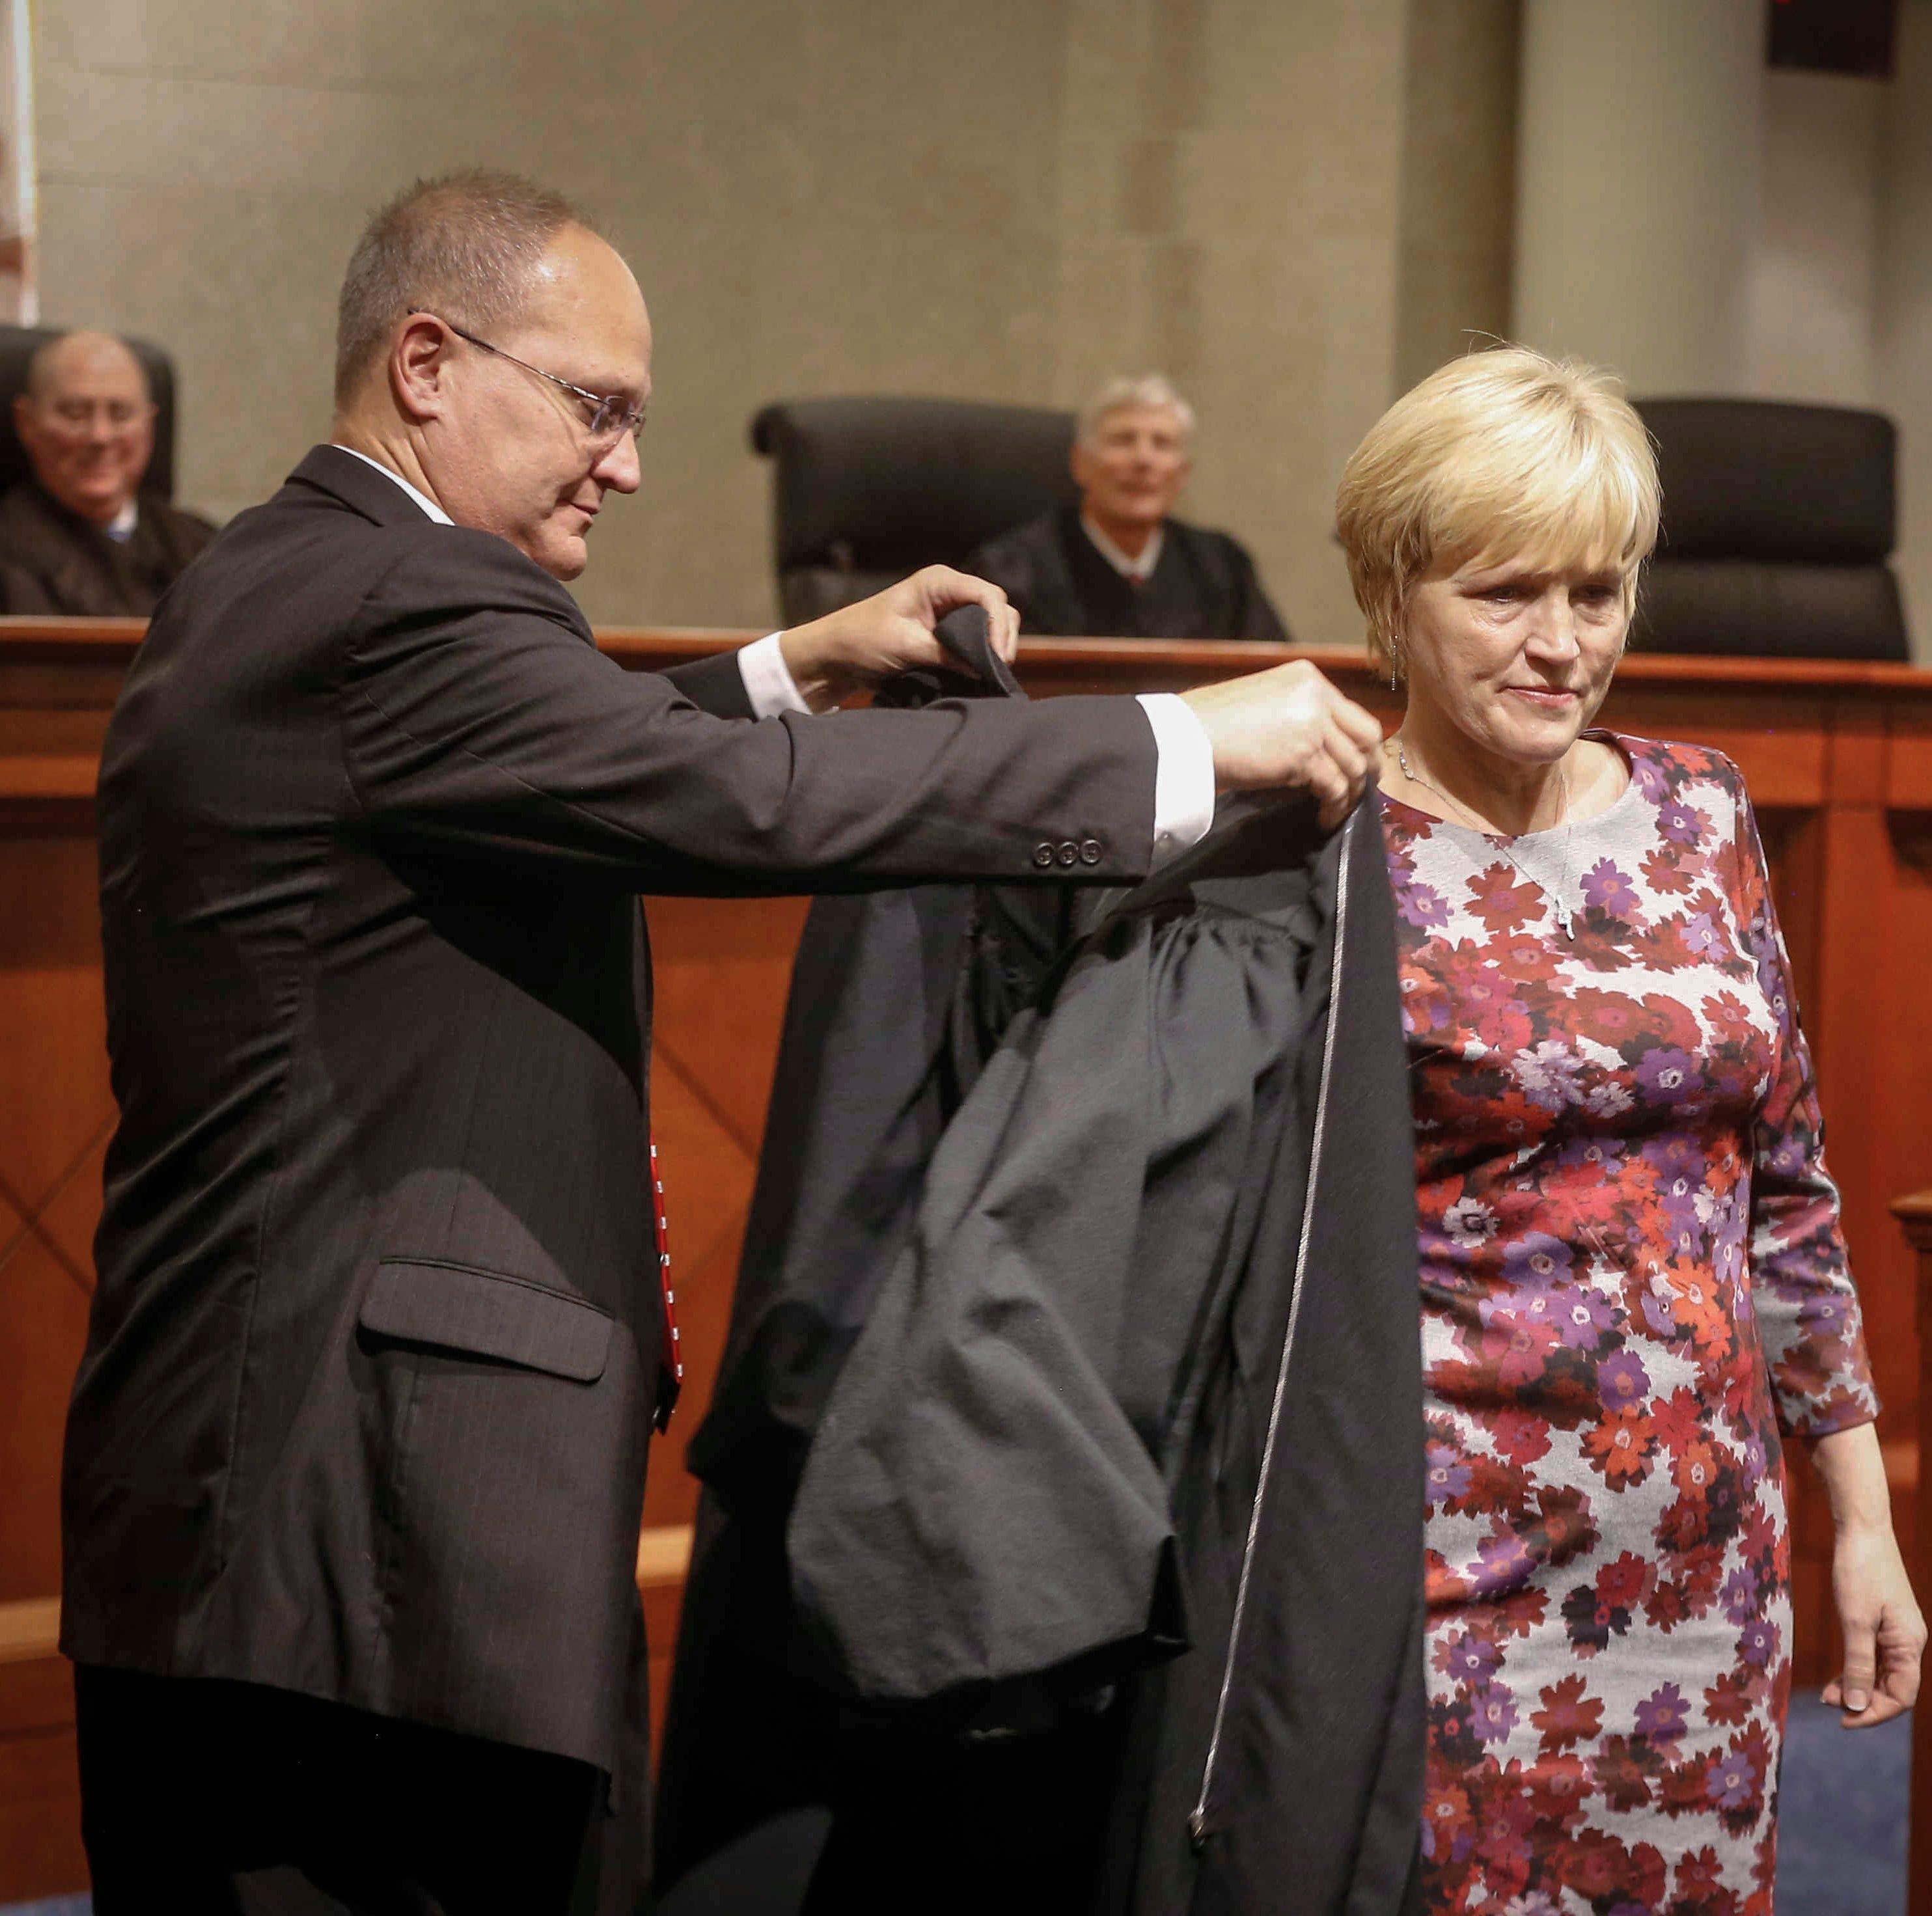 Susan Christensen sworn in as Iowa's newest Supreme Court justice